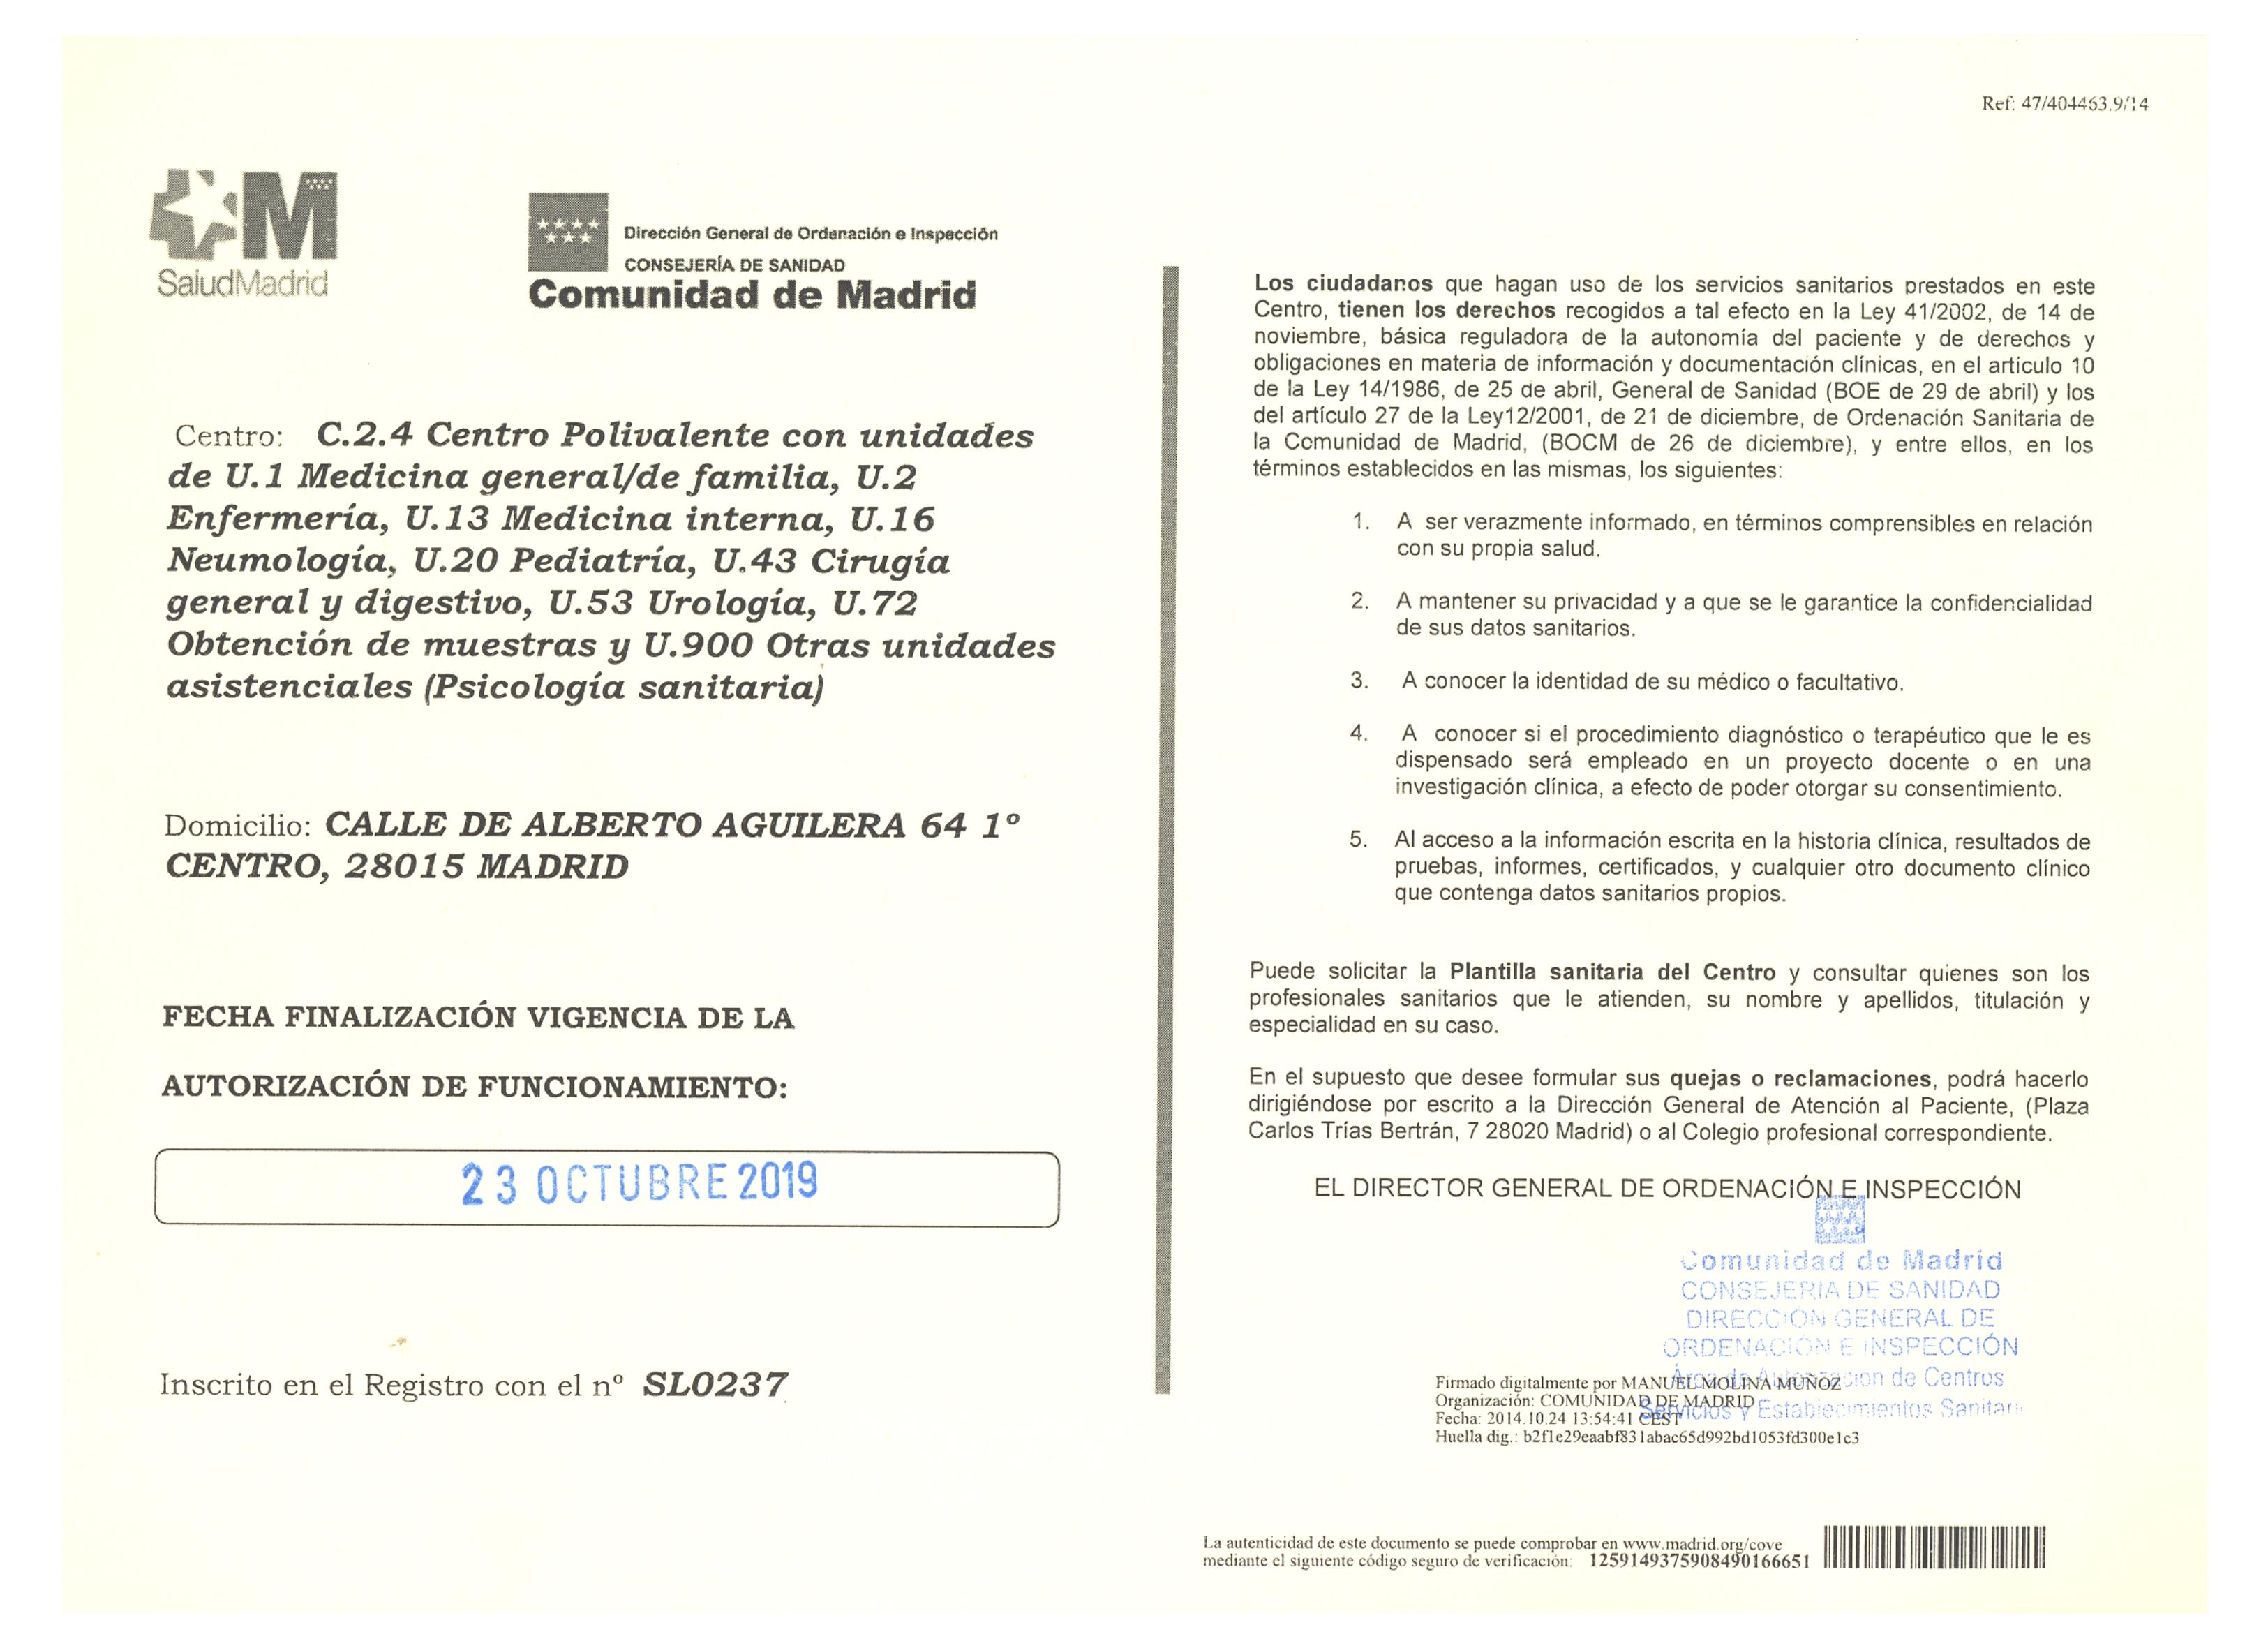 Autorizacion de funcionamiento Comunidad de Madrid